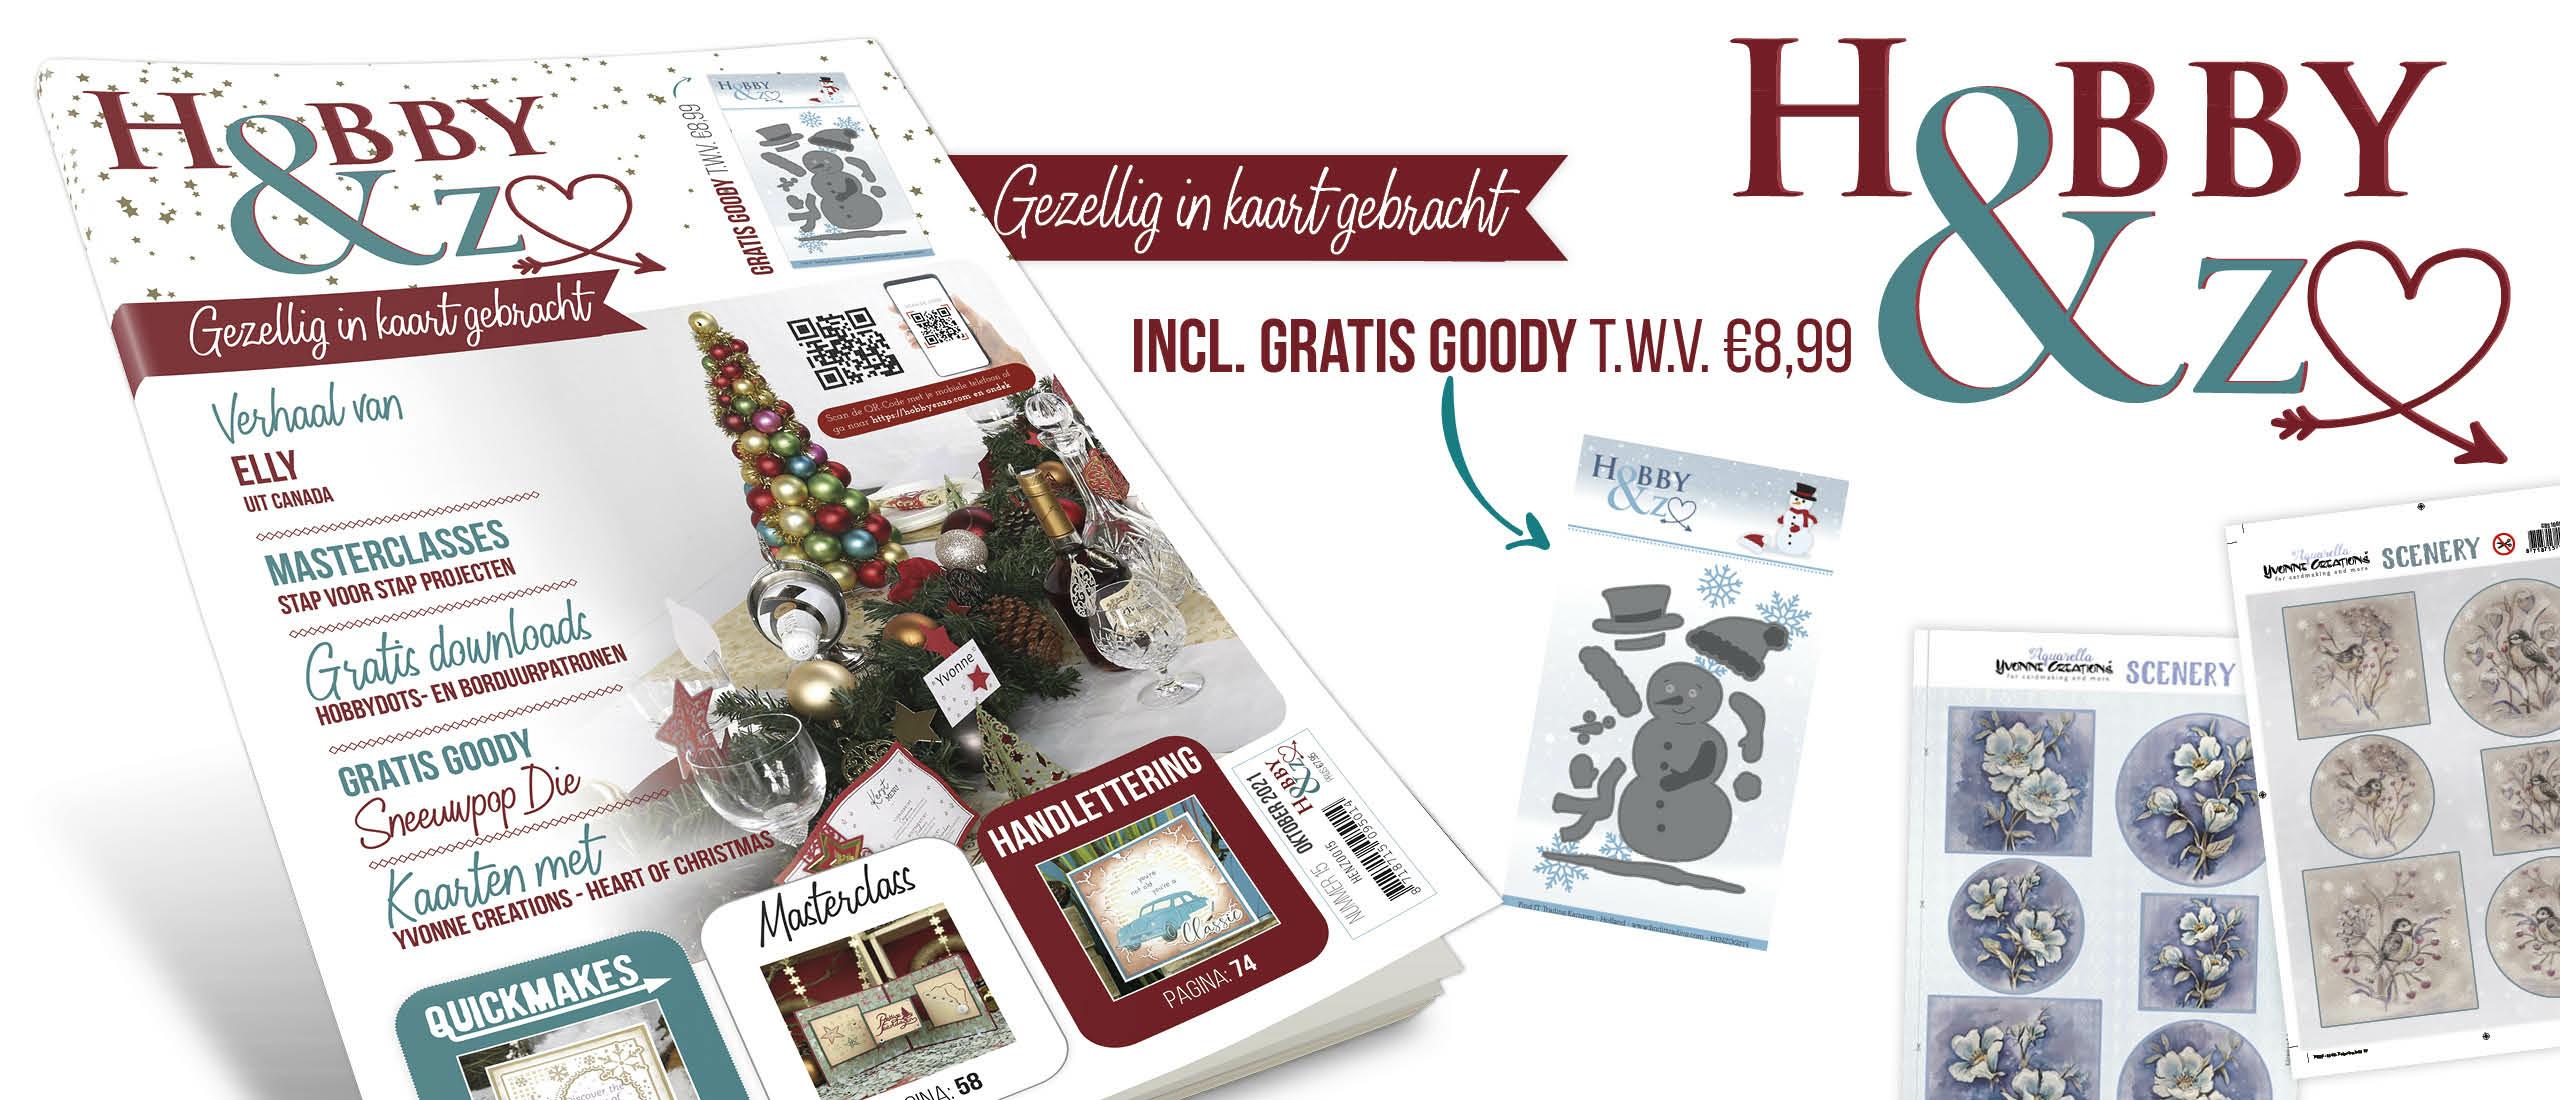 Gratis designpapier en Scenery bij Hobby&Zo 15